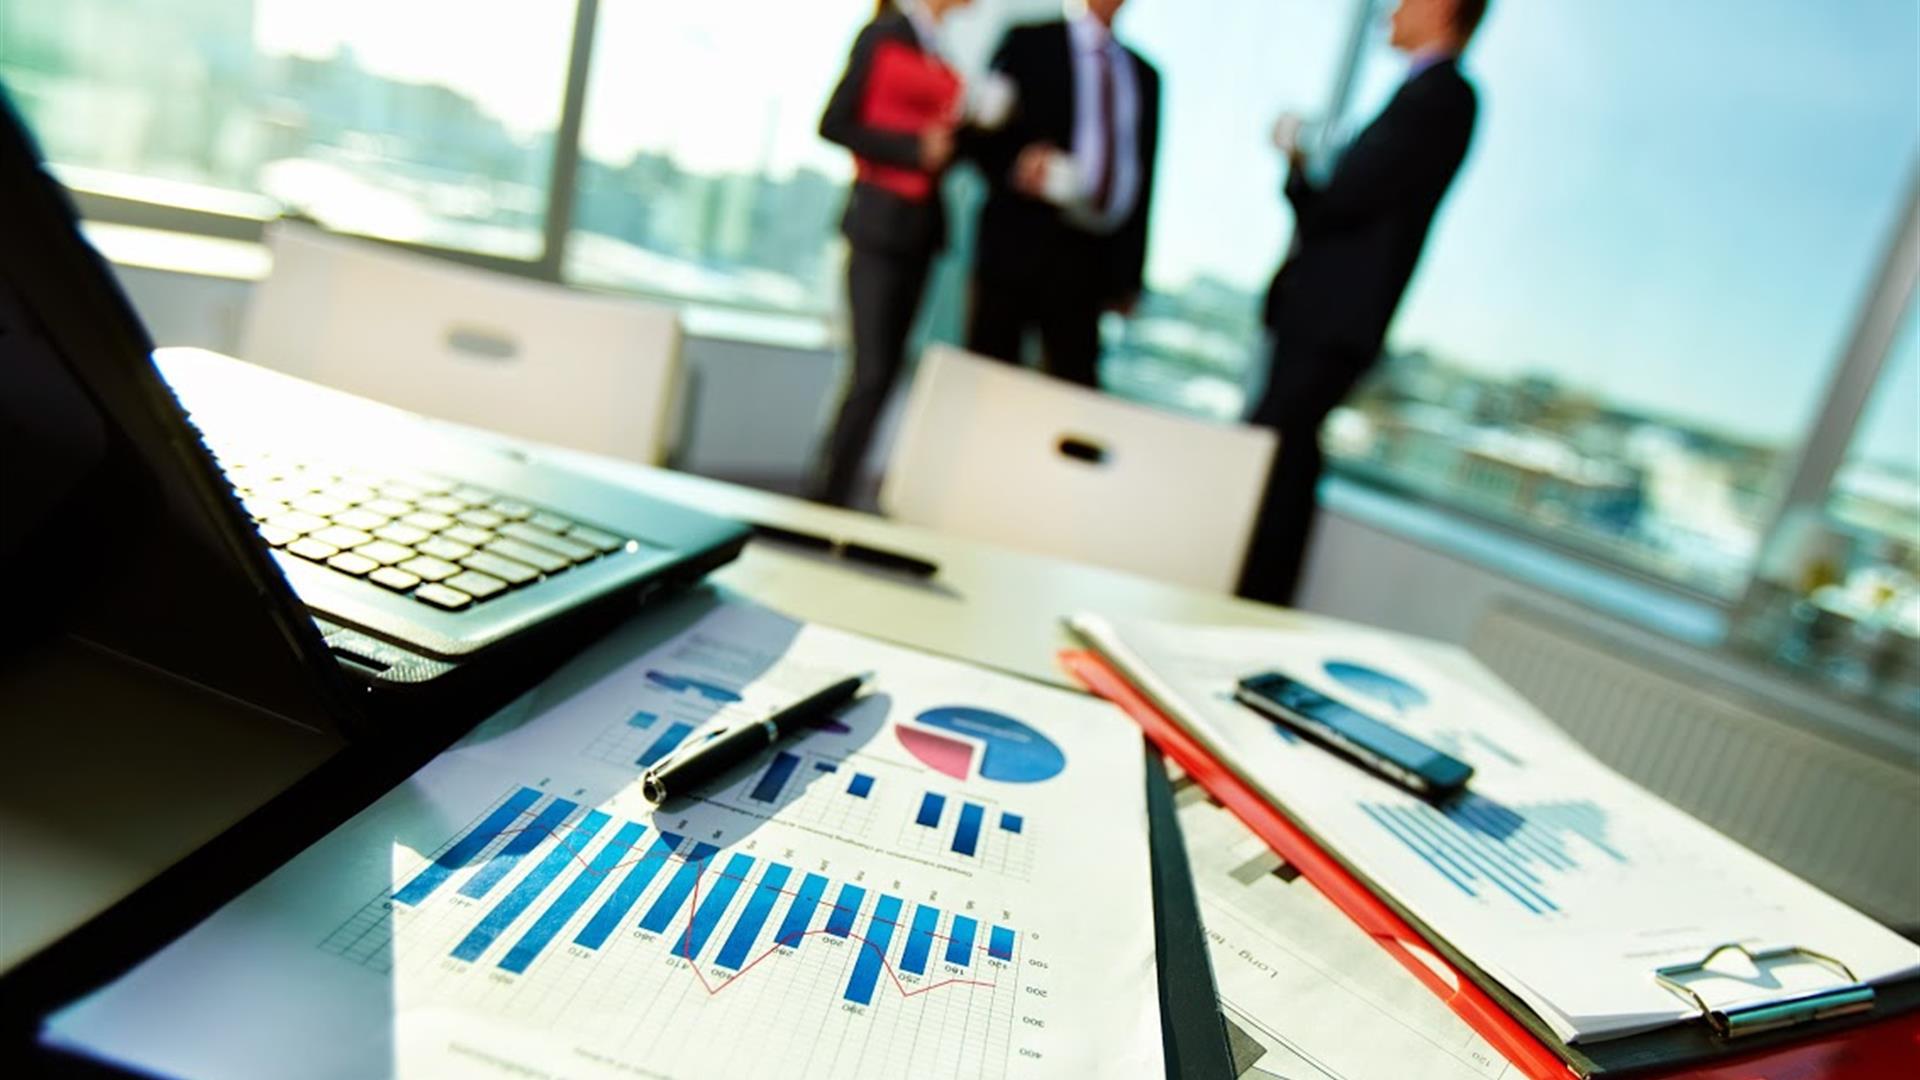 Préstamos para empresas, PYMES y autónomos